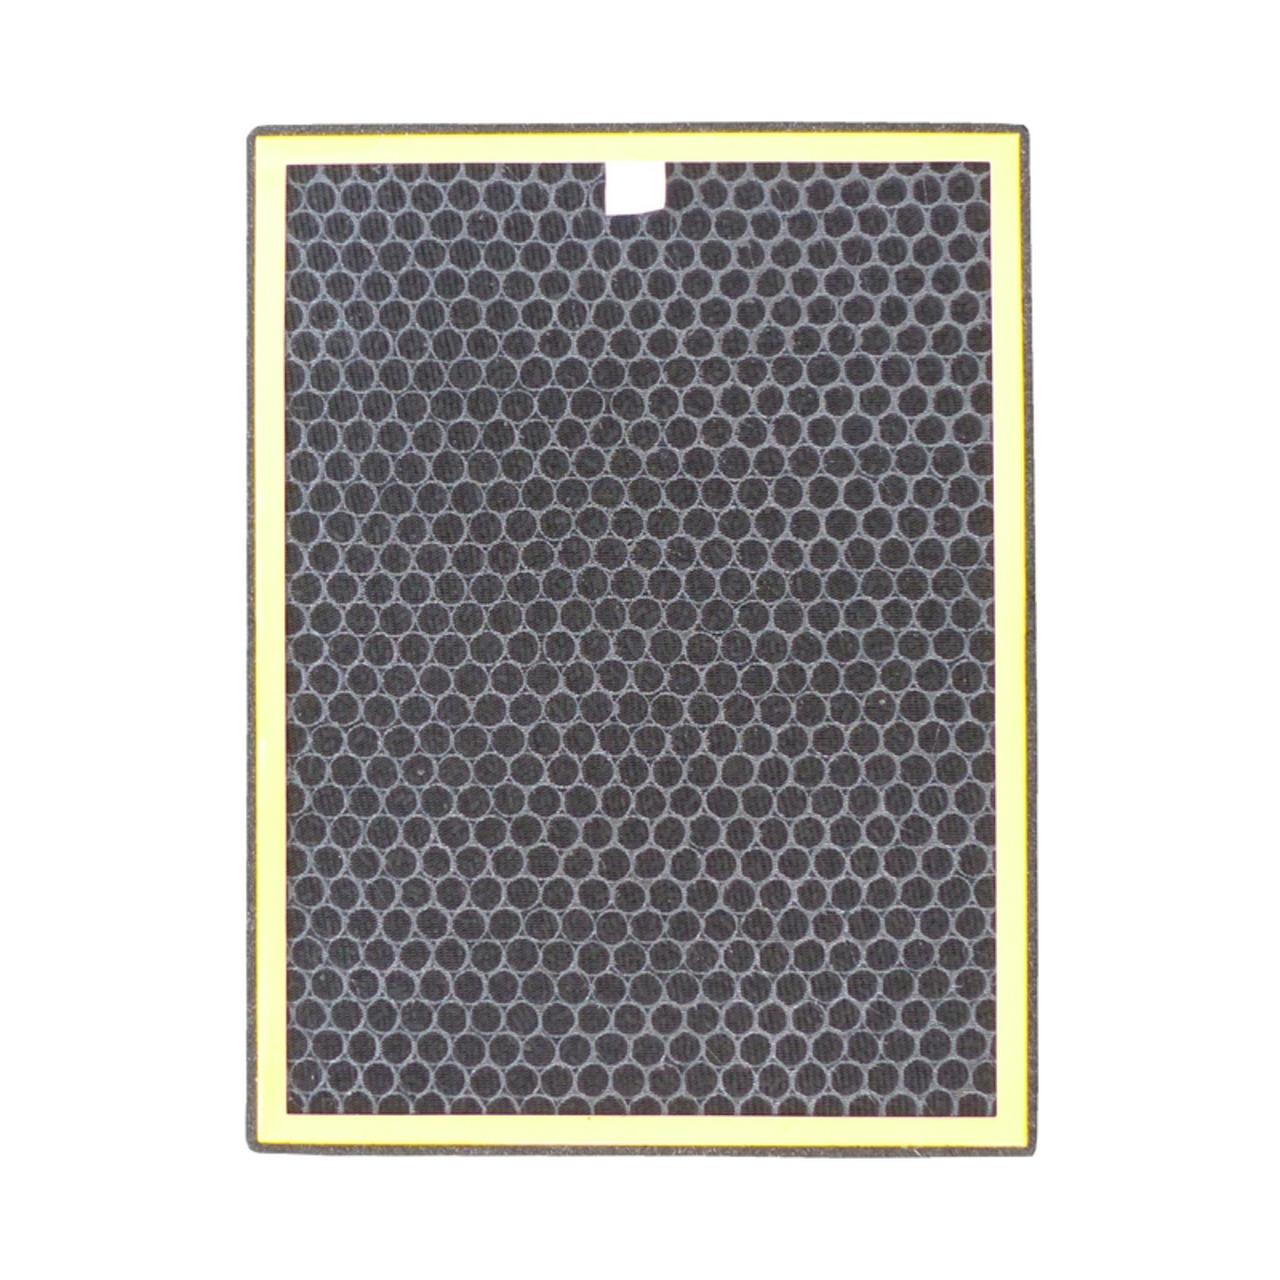 Image of Aktobis Ersatz-Aktivkohle-Filter für Luftreiniger WHD-AP-1101